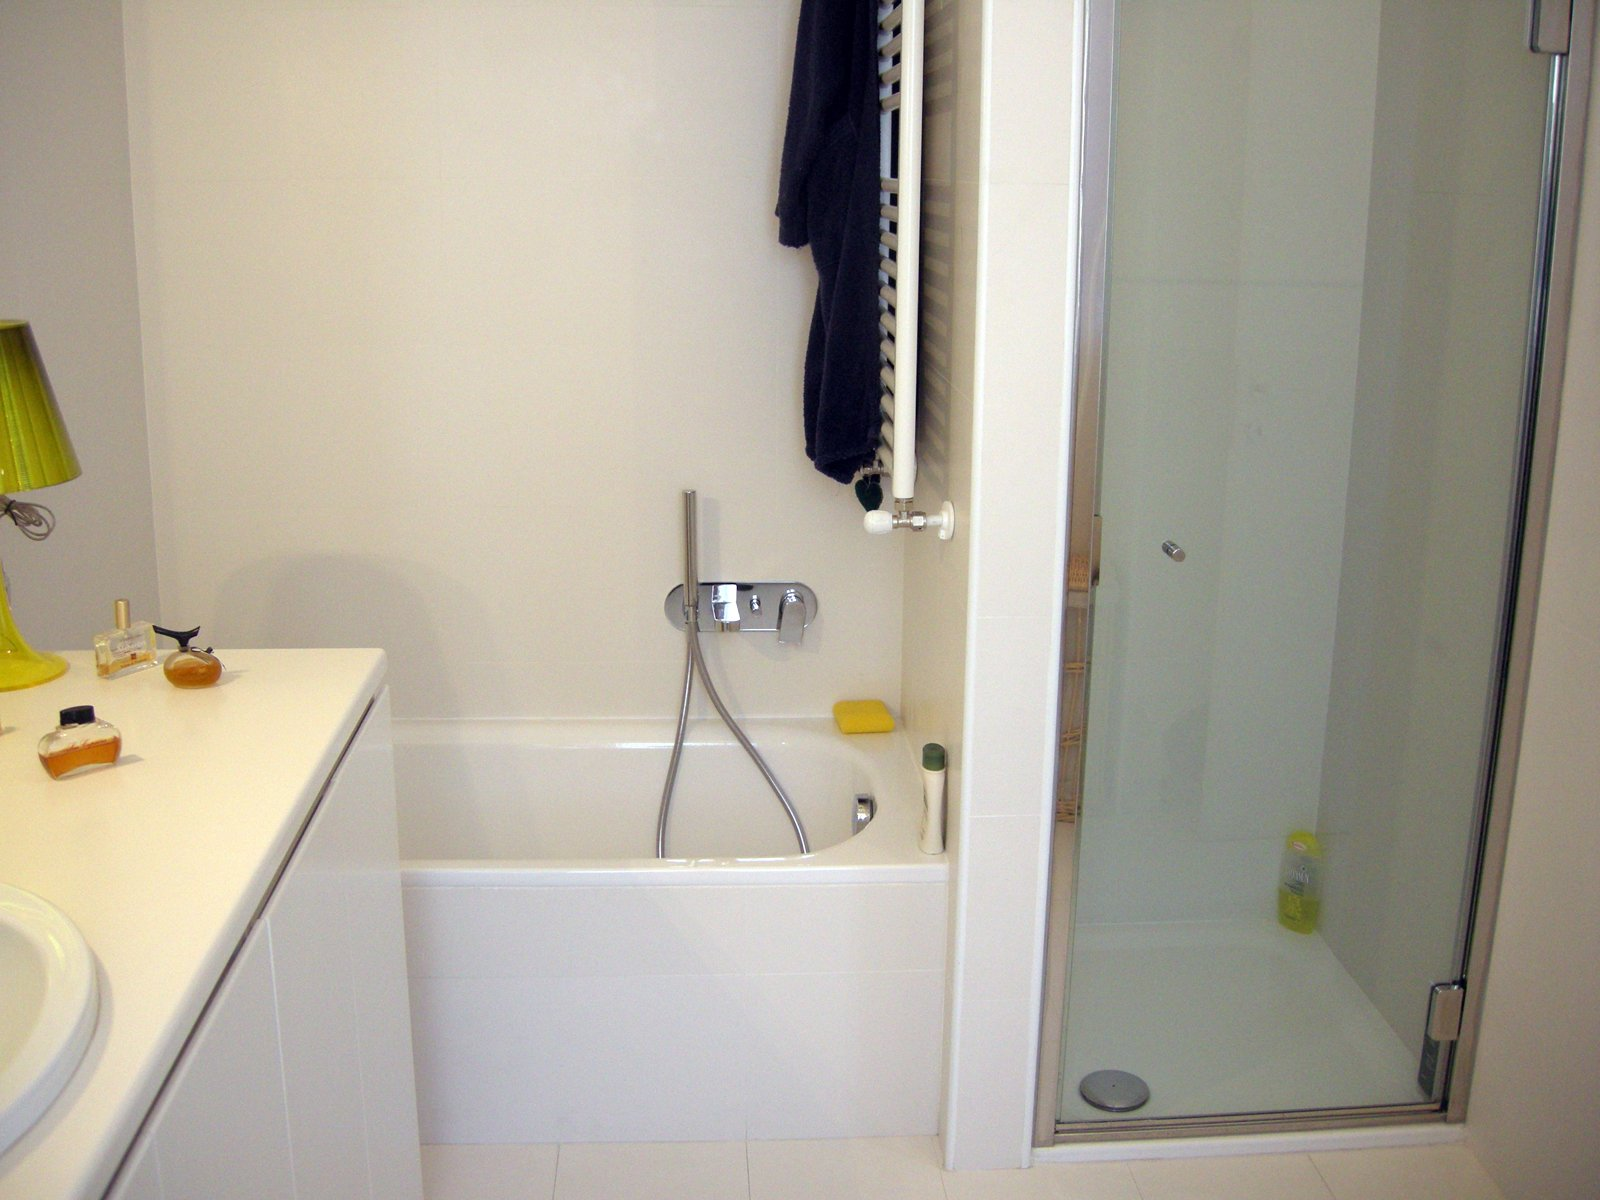 Rifare il bagno fai da te imbiancare il bagno design per la casa moderna ltay net imbiancare - Rifare il bagno da soli ...